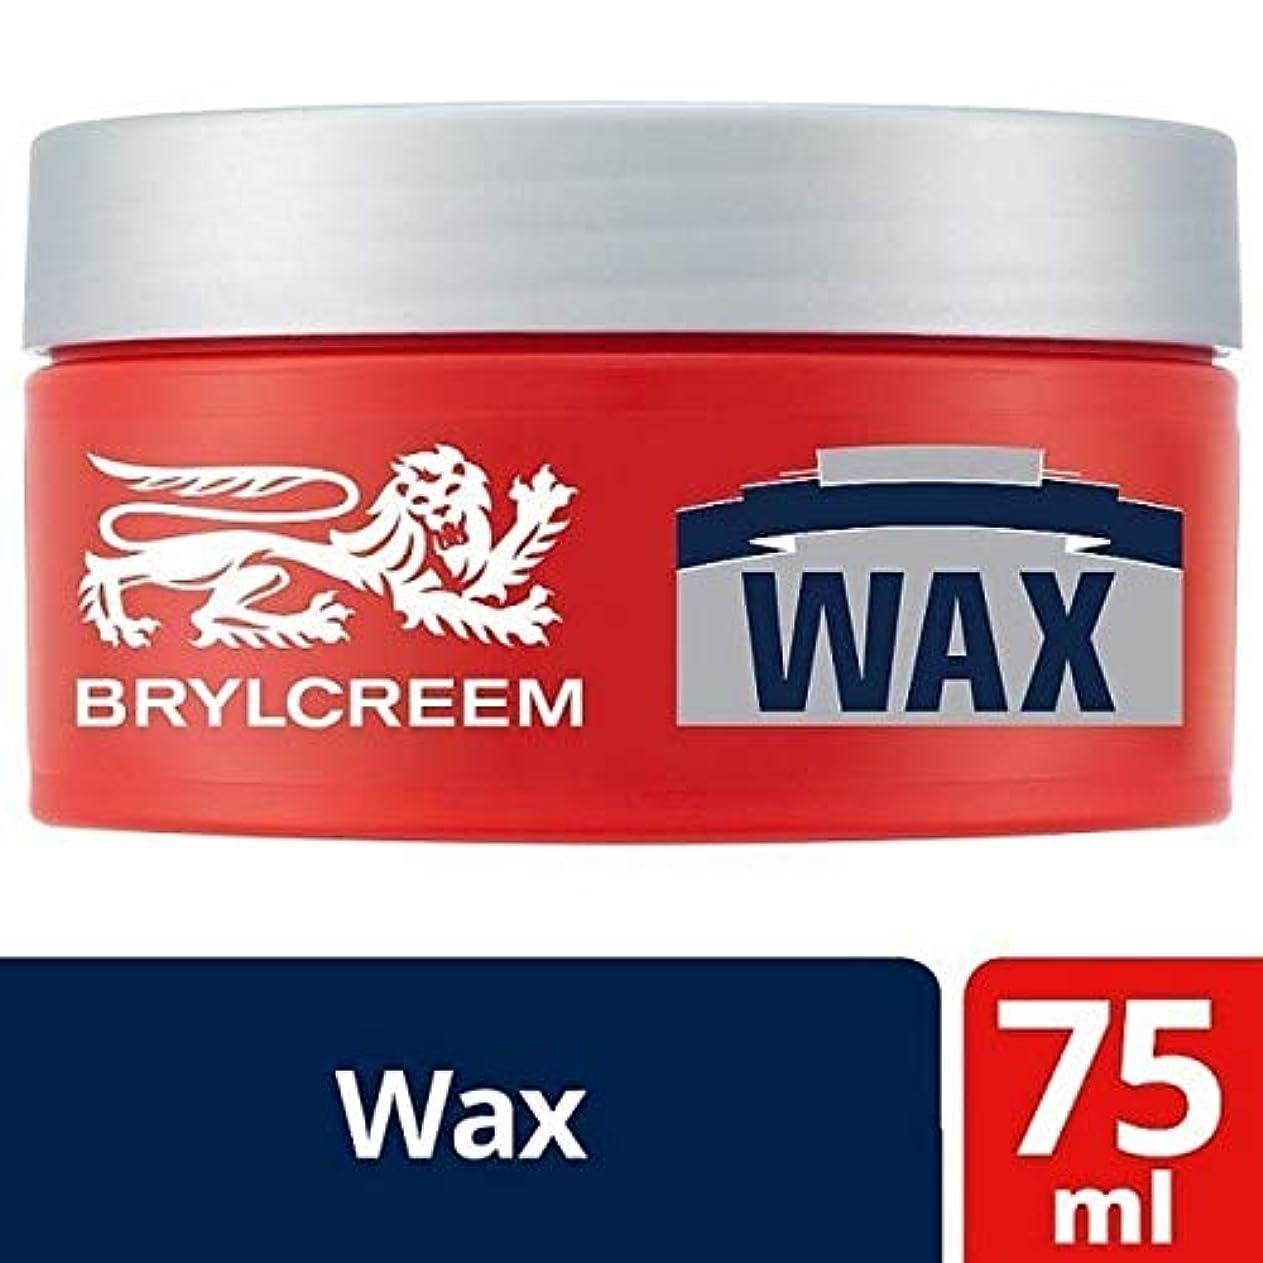 ジュース嵐の正当化する[Brylcreem] Brylcreemワックスヘアワックス75ミリリットル - Brylcreem Wax Hair Wax 75ml [並行輸入品]